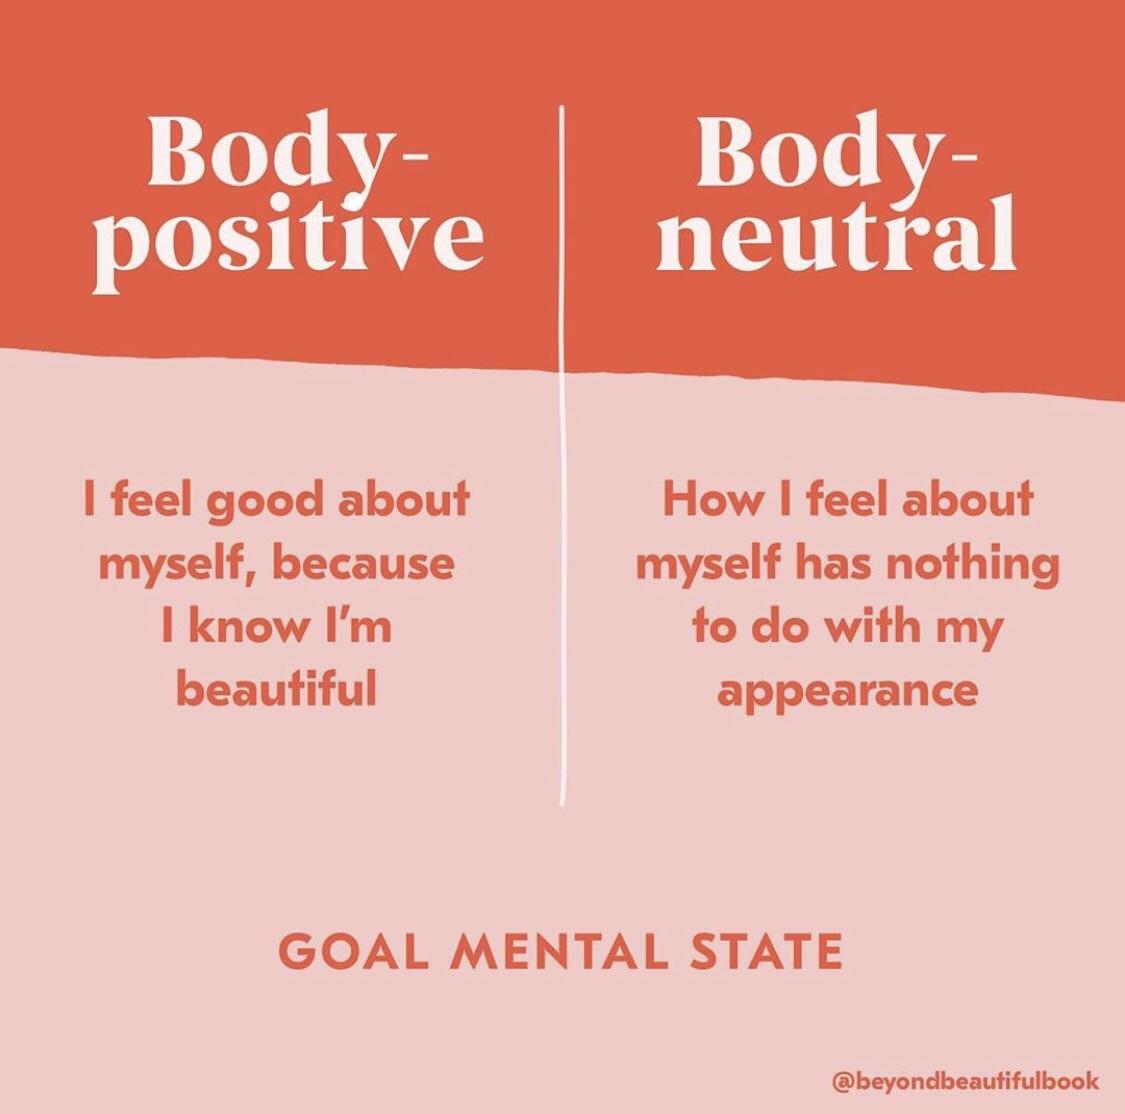 Кожа не может быть хорошей или плохой: что такое боди-нейтральность